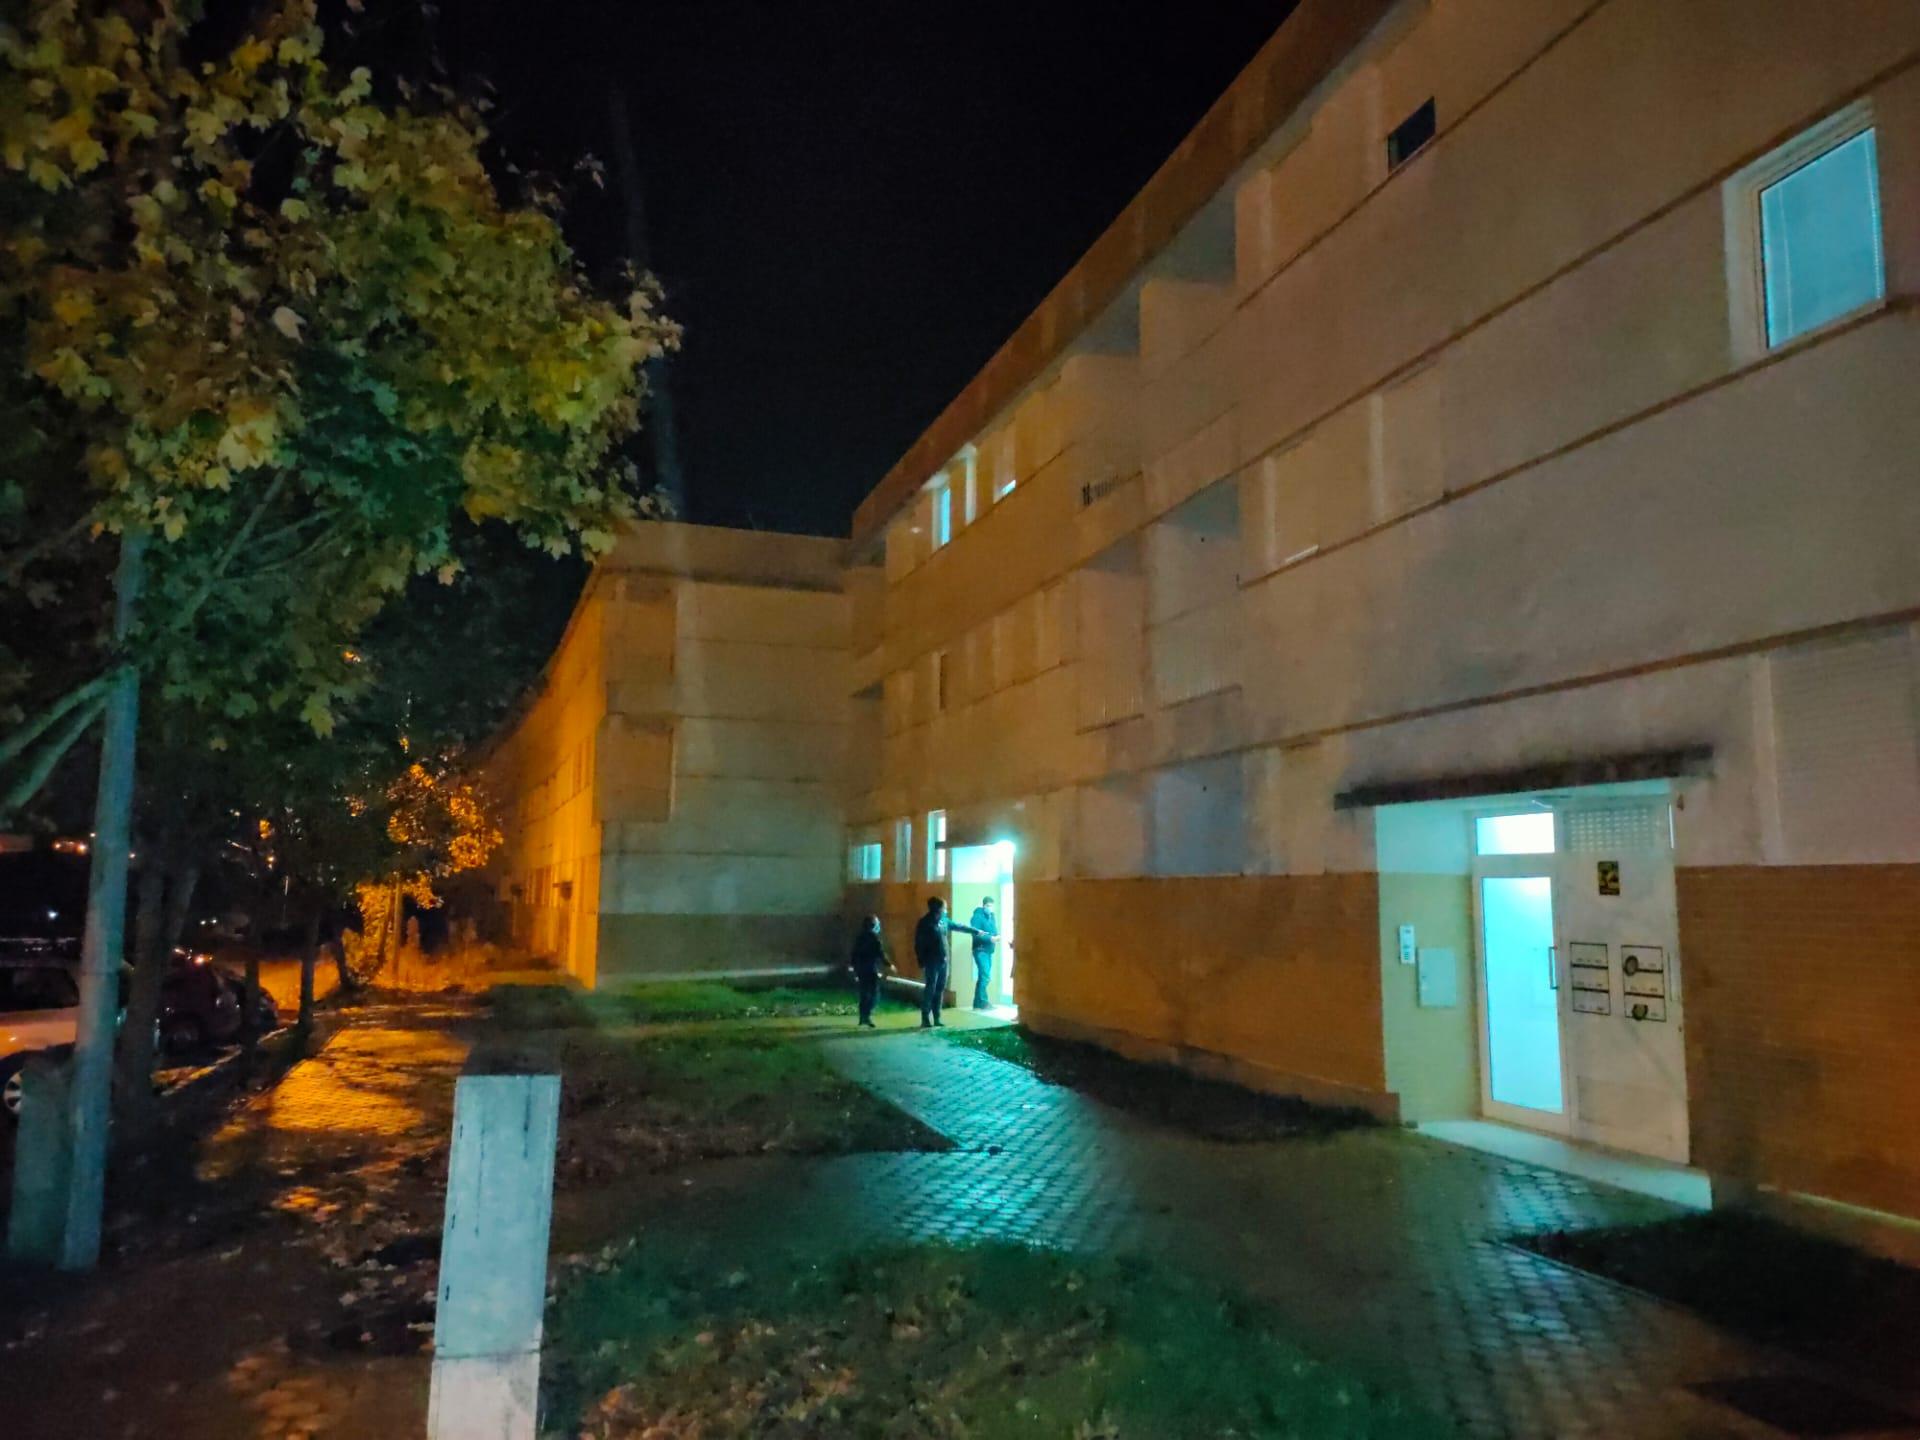 População continua a aguardar pelo arrendamento acessível de casas disponíveis desde outubro em Mangualde